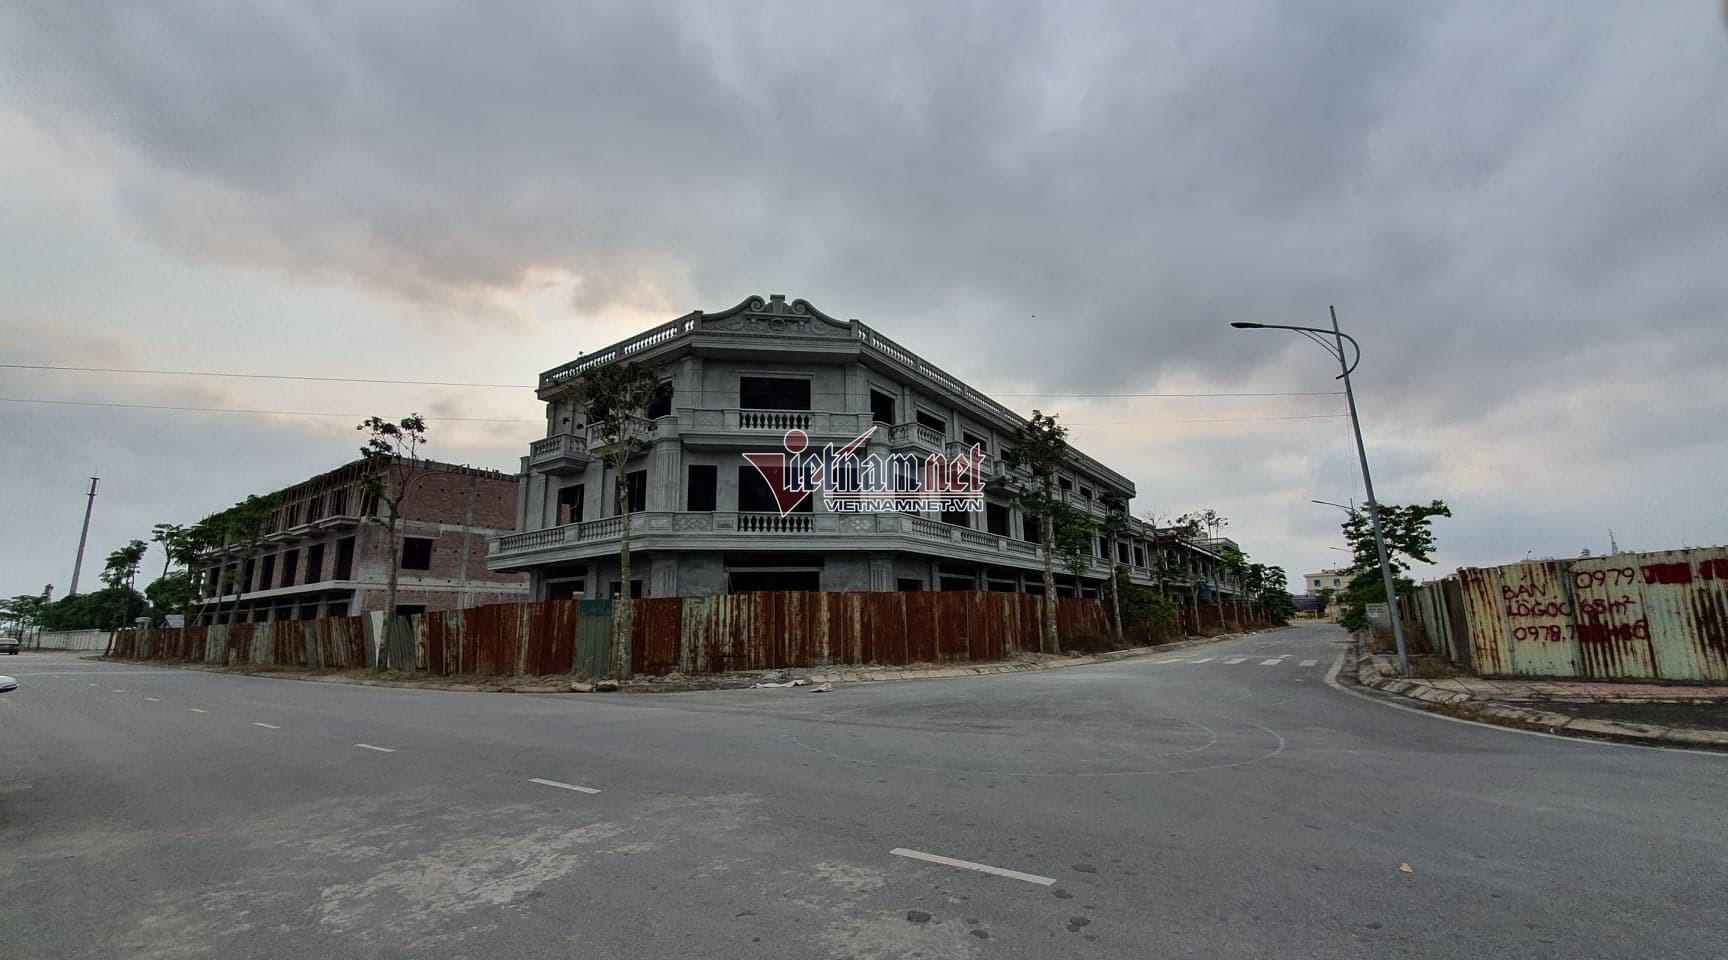 Dự án Trung tâm dịch vụ y tế Thái Bình được đưa ra đấu giá với mức chênh lệch hơn 9 triệu đồng đang gây nhiều tranh cãi